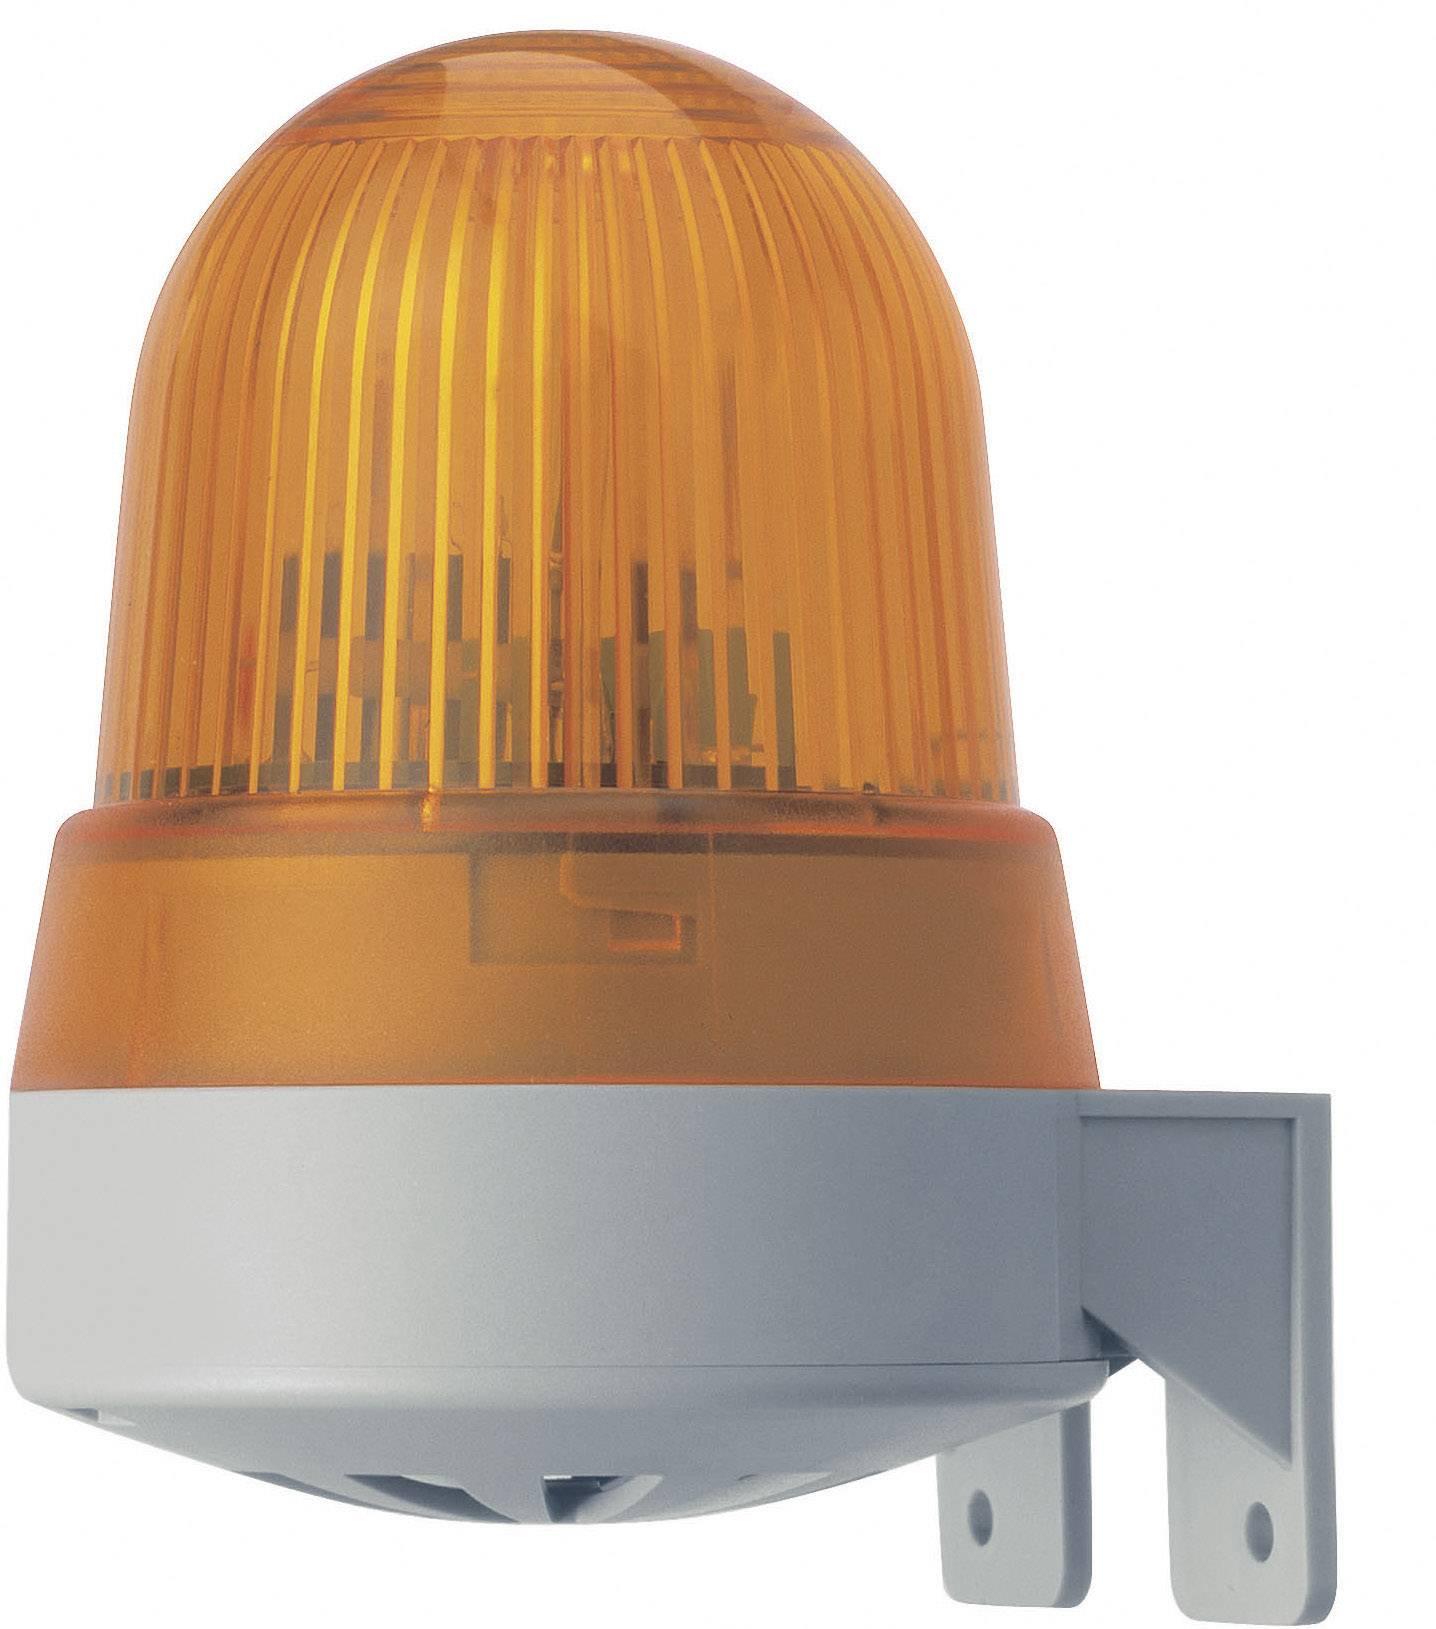 Signalizačný bzučiak LED Werma Signaltechnik 422.110.75, 92 dB, 24 V/AC, 24 V/DC, trvalé svetlo, červená